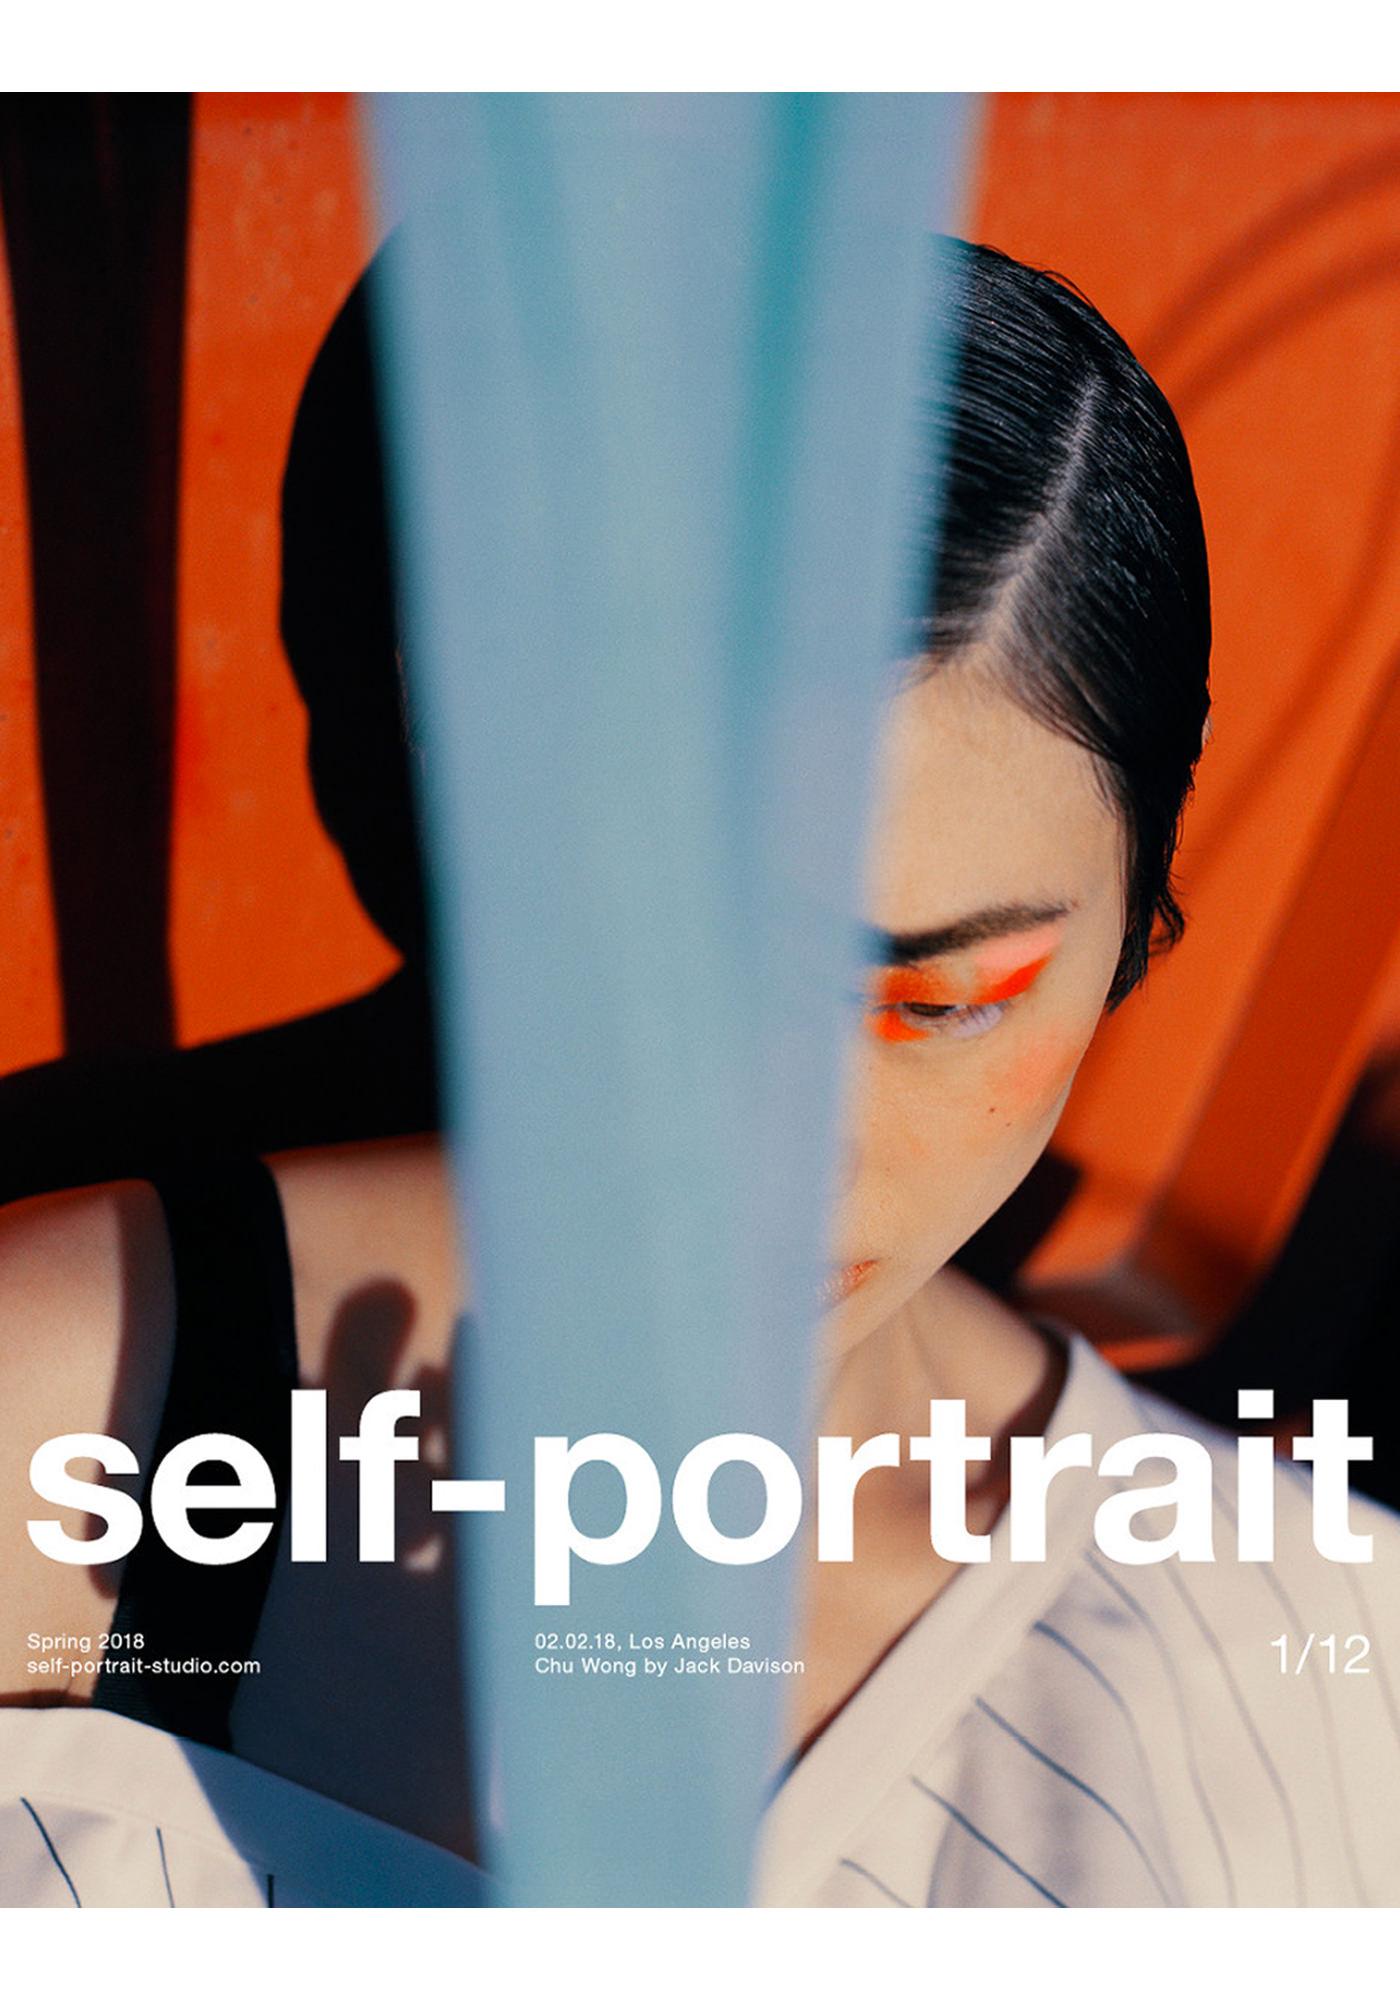 Jack Davison Photographie Magazine Cover Self-Portrait Couleur